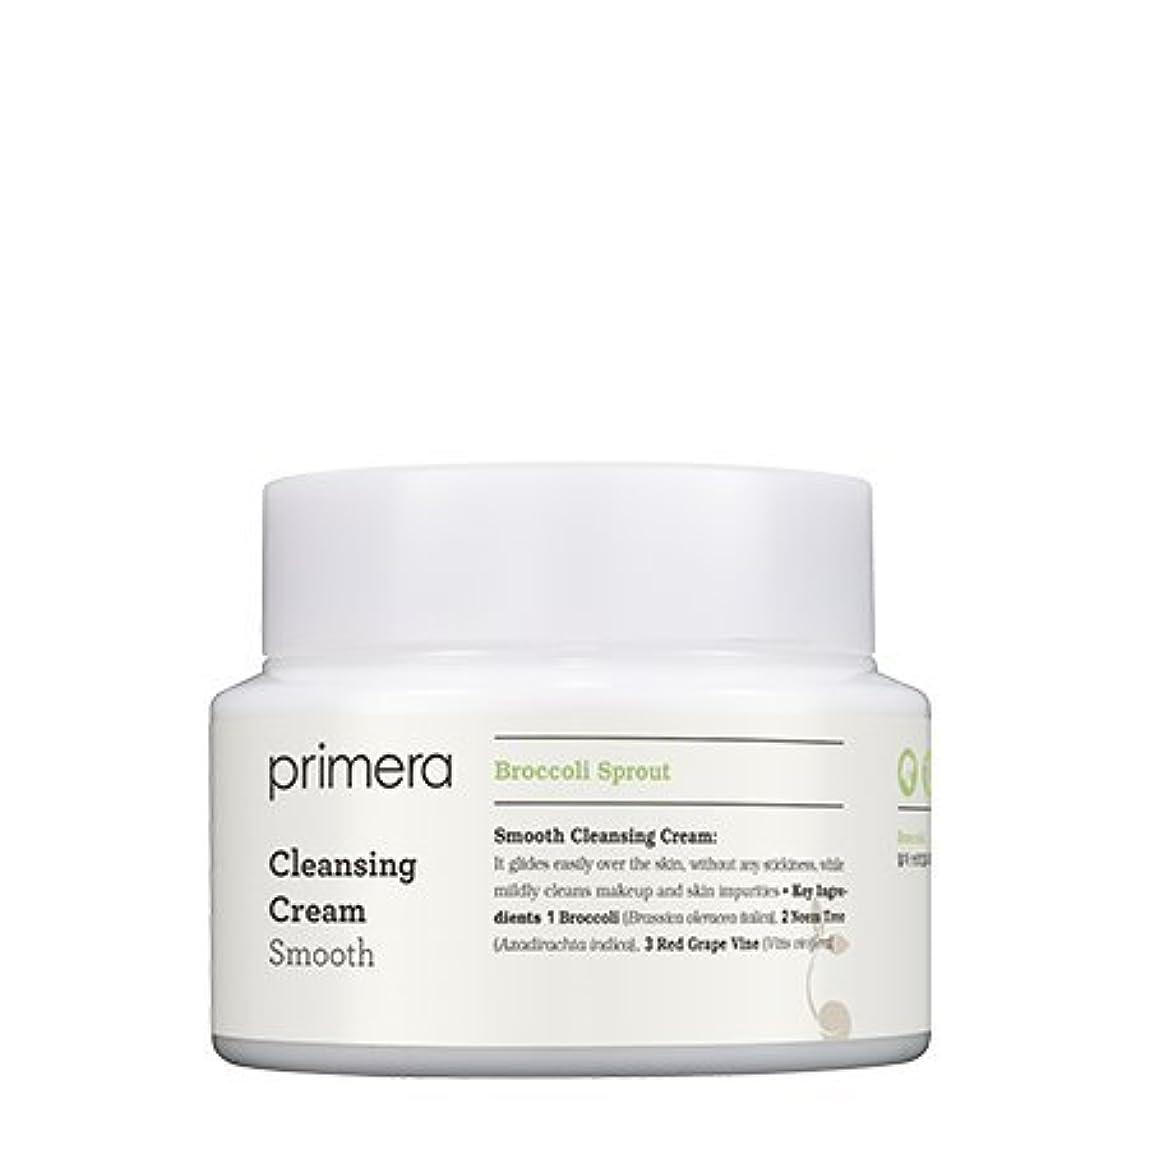 薄汚い二十ヘルシー【Primera】Smooth Cleansing Cream - 250g (韓国直送品) (SHOPPINGINSTAGRAM)